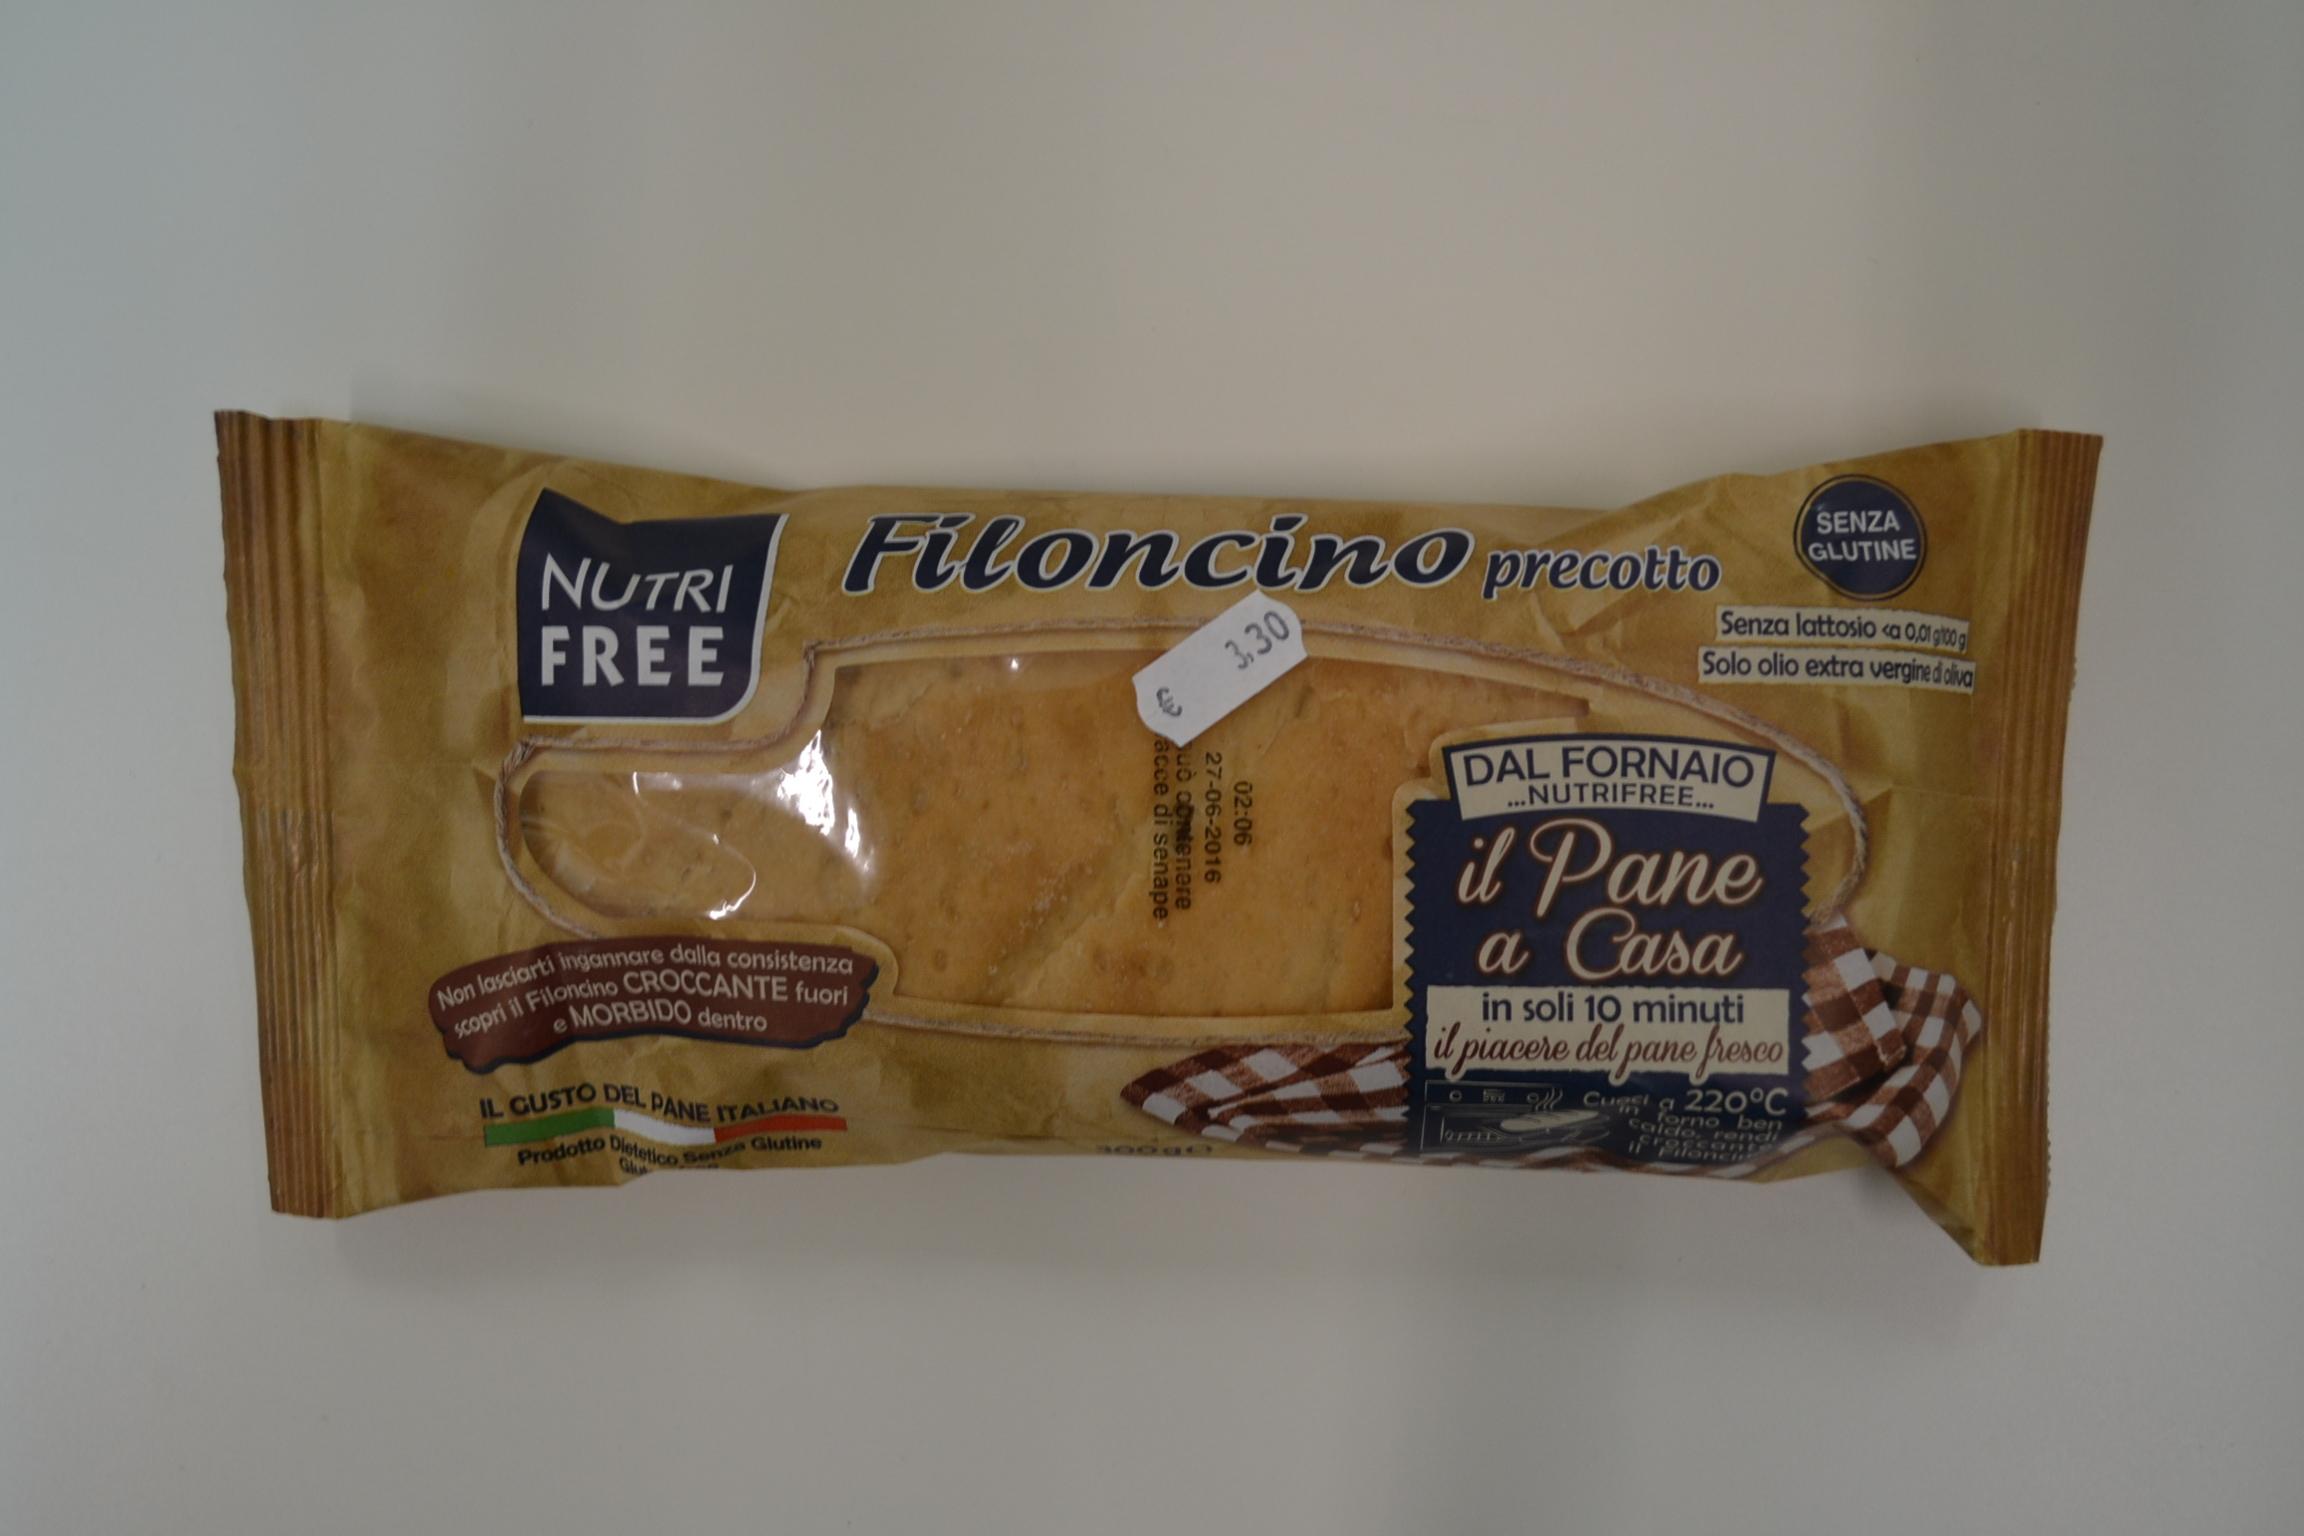 Filoncino precotto NUTRIFREE € 3,30